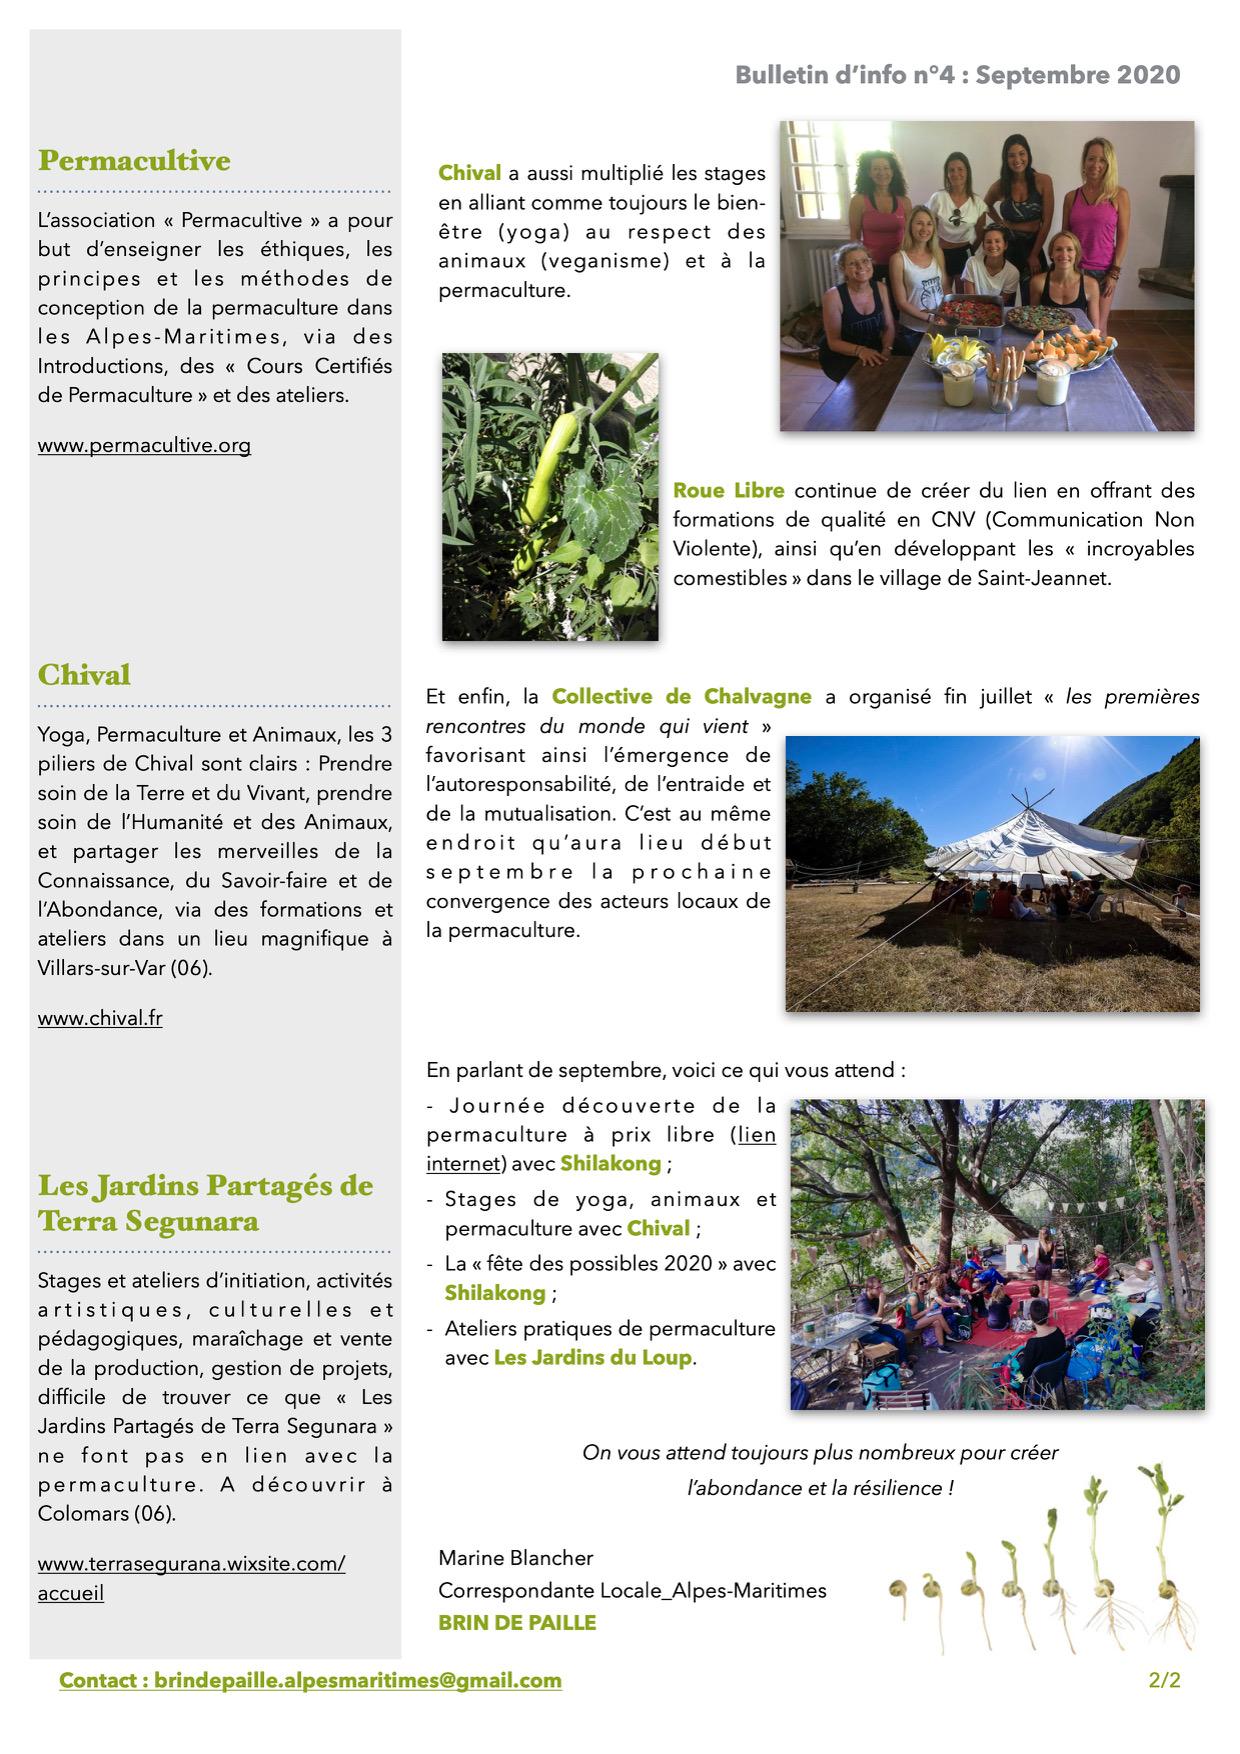 BDP_Bulletin saisonner n°4-p2-300